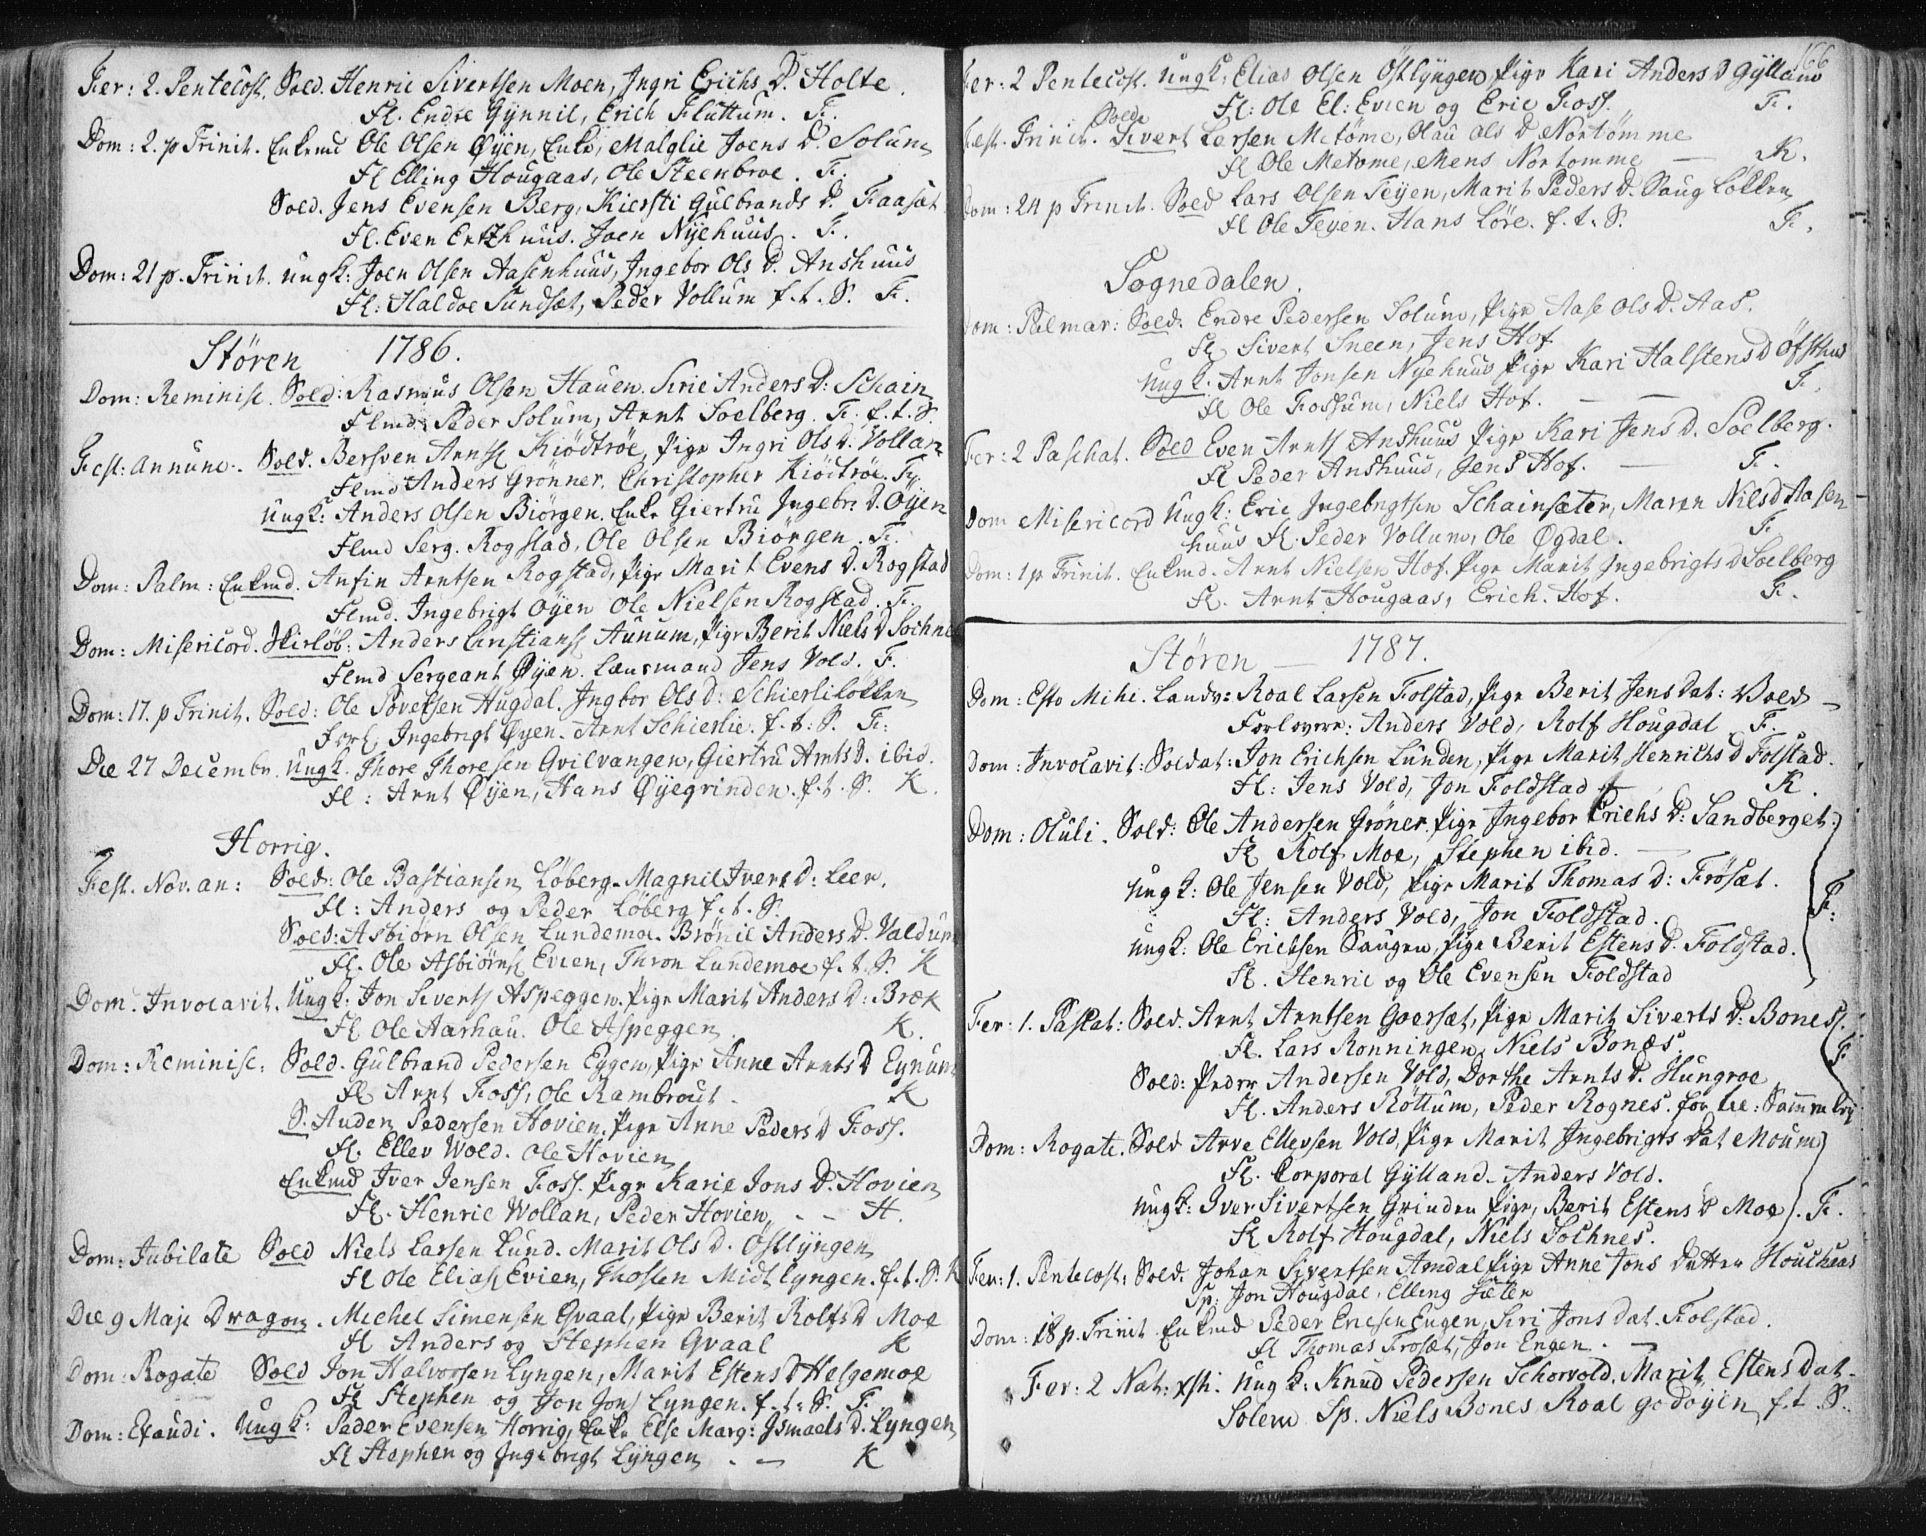 SAT, Ministerialprotokoller, klokkerbøker og fødselsregistre - Sør-Trøndelag, 687/L0991: Ministerialbok nr. 687A02, 1747-1790, s. 166